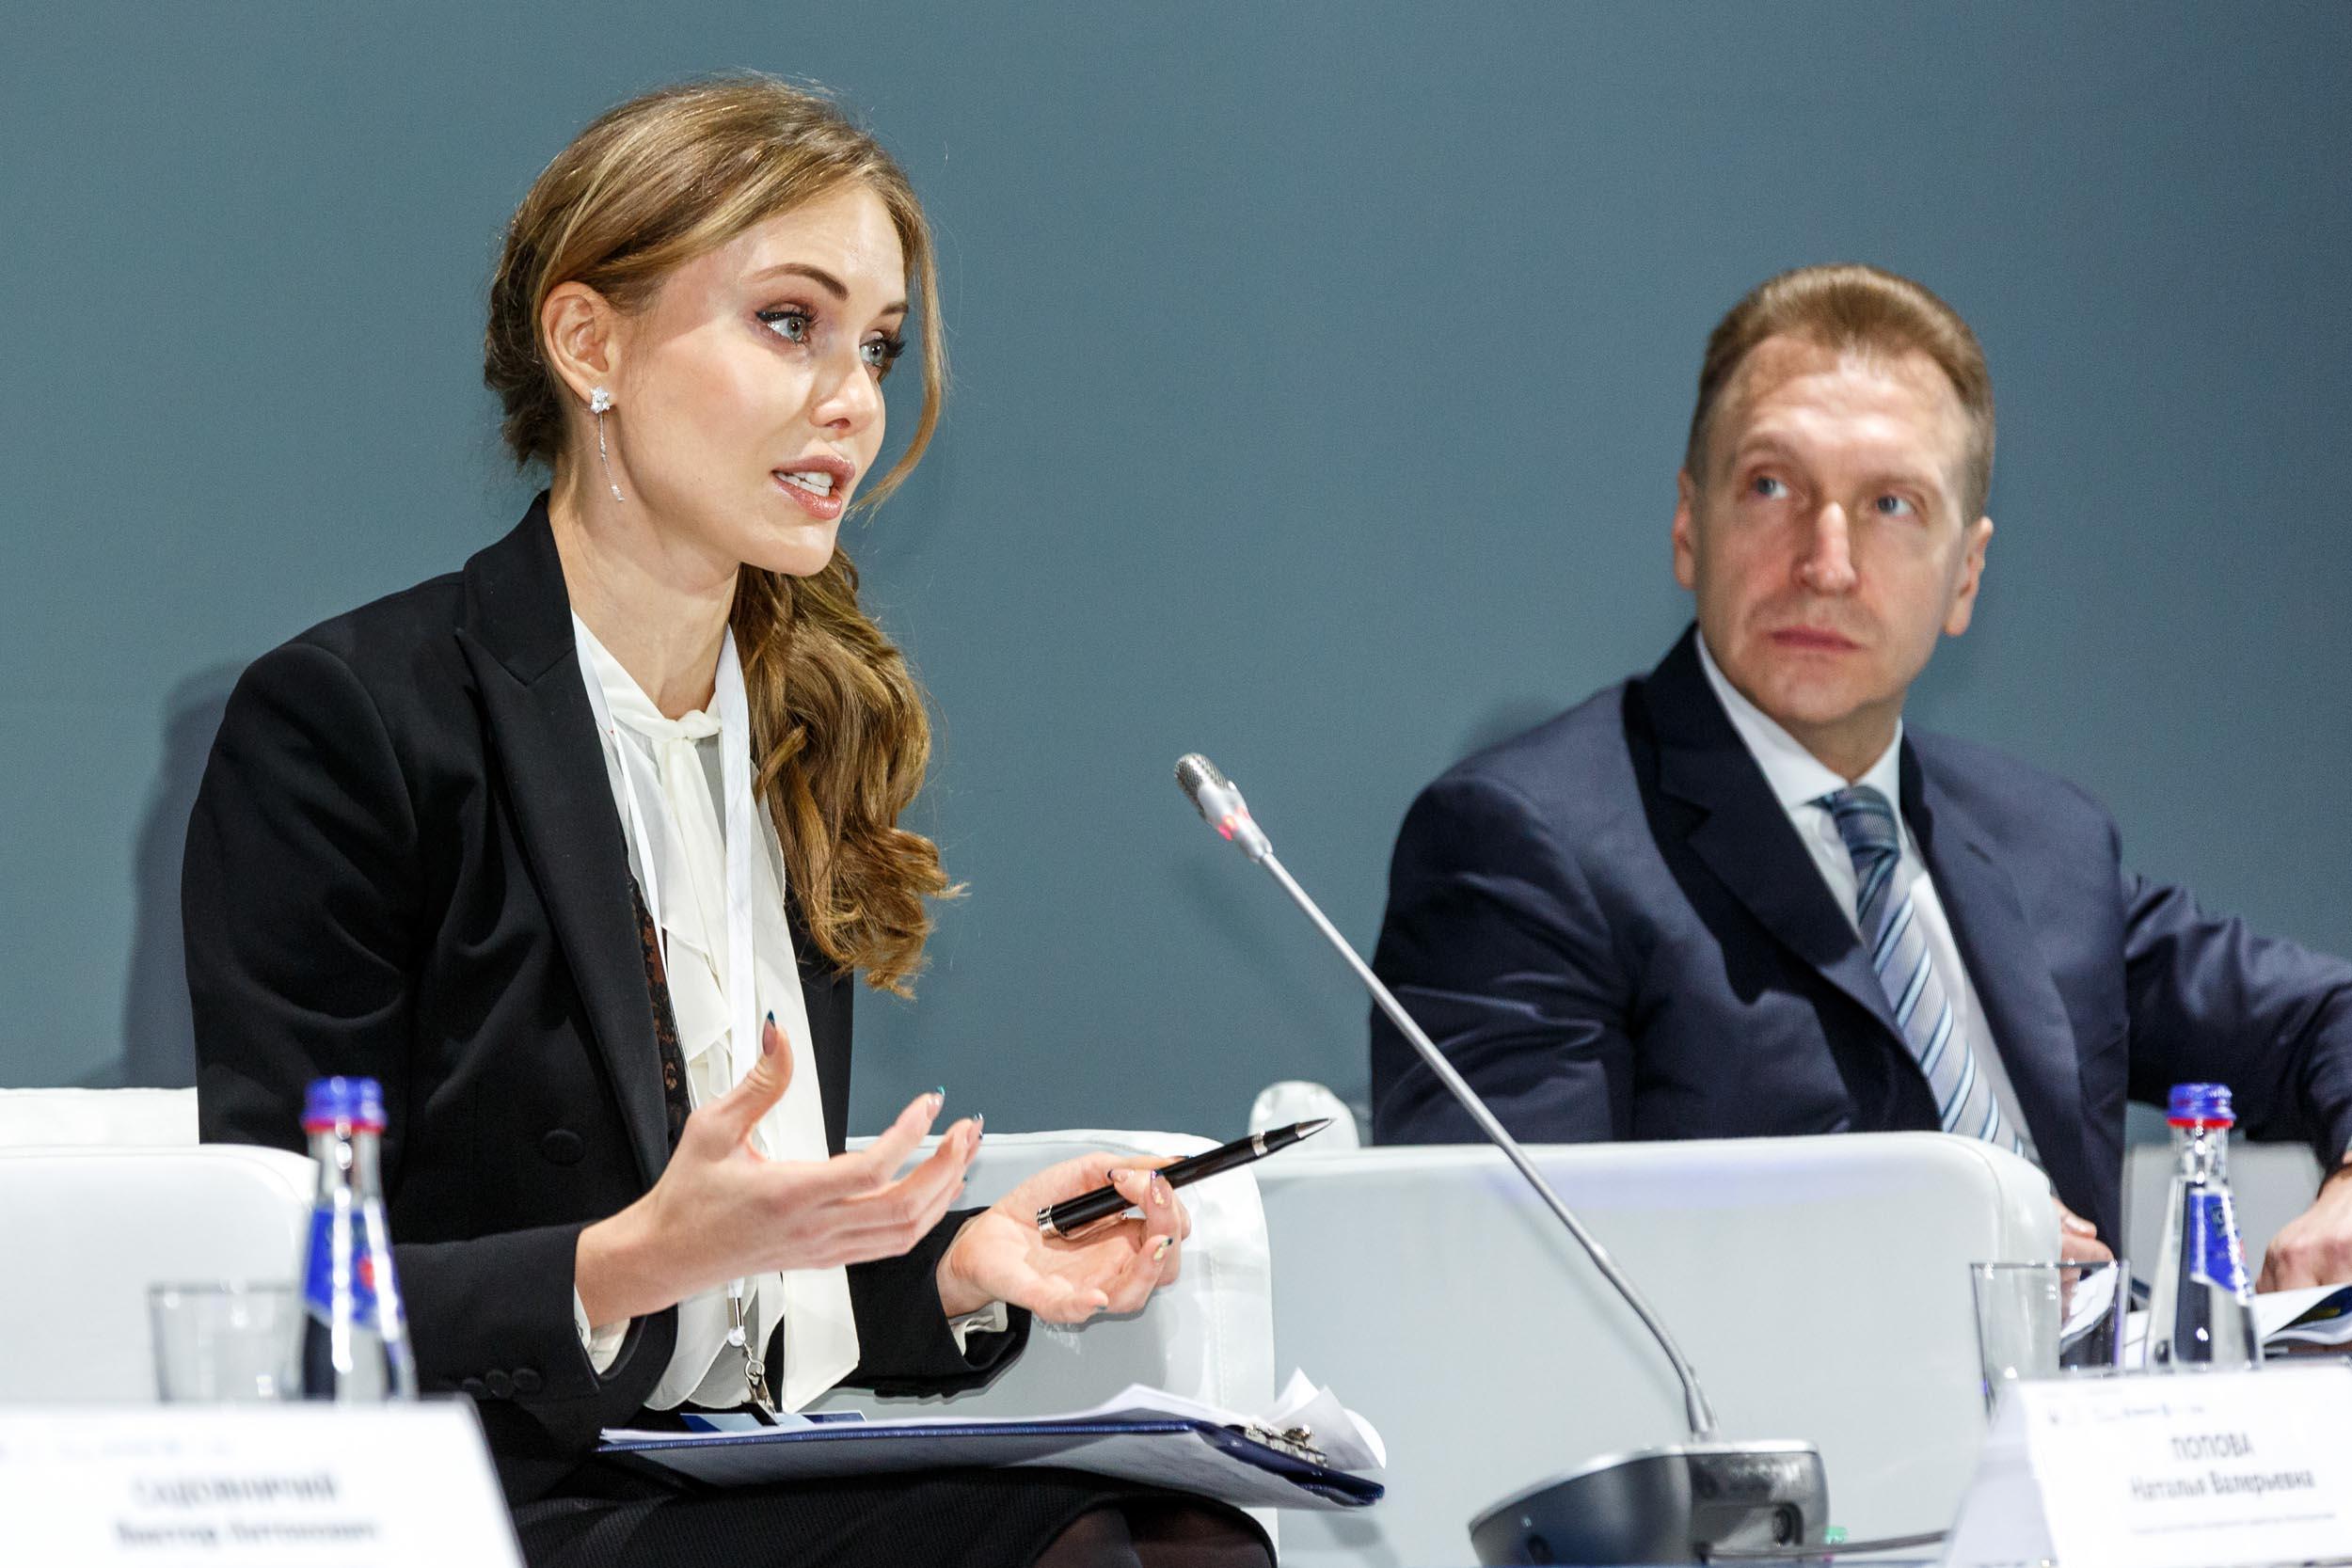 Фонд «дочки Путина» получил еще 354 млн руб.  от«Роснефти»